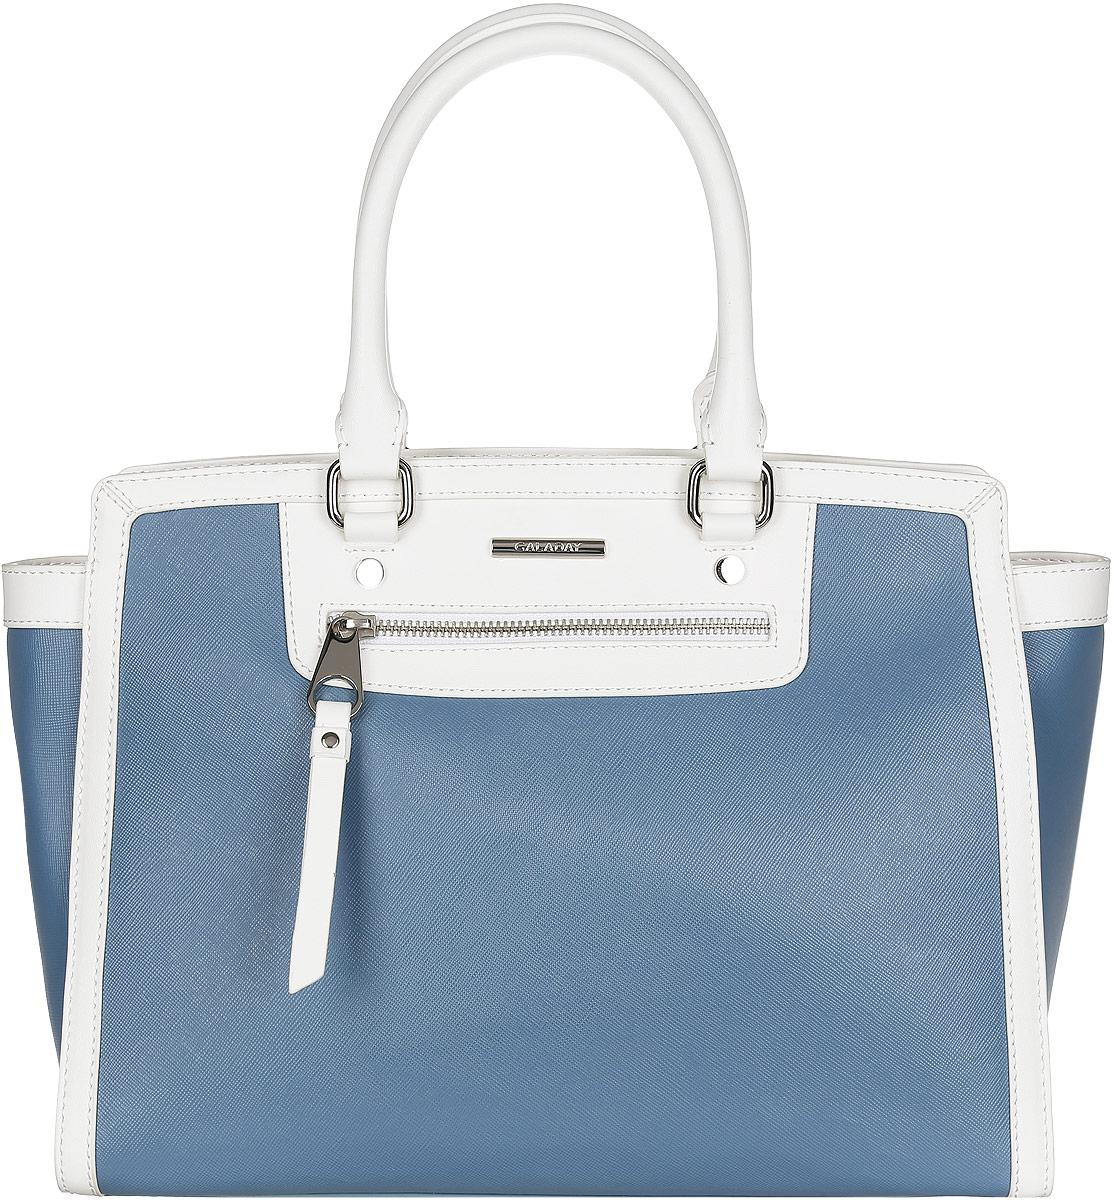 Сумка женская Galaday, цвет: серо-синий, белый. GD4726GD4726-blueСтильная женская сумка жесткой конструкции Galaday выполнена из натуральной кожи с фактурным тиснением под сафьян, оформлена металлической фурнитурой и логотипом бренда. Изделие содержит одно отделение, которое закрывается на пластиковую застежку-молнию. Внутри расположены карман-средник на молнии, два накладных кармашка для мелочей или телефона и врезной карман на молнии. Лицевая сторона дополнена врезным карманом на молнии. Снаружи, на задней стороне сумки, расположен врезной карман на молнии. Сумка оснащена двумя практичными ручками для переноски, которые дополнены металлической фурнитурой и съемным плечевым ремнем, регулируемым по длине. На дне сумки предусмотрены металлические ножки, защищающие ее от механических повреждений. Прилагается фирменный текстильный чехол для хранения изделия. Оригинальный аксессуар позволит вам завершить образ и быть неотразимой.